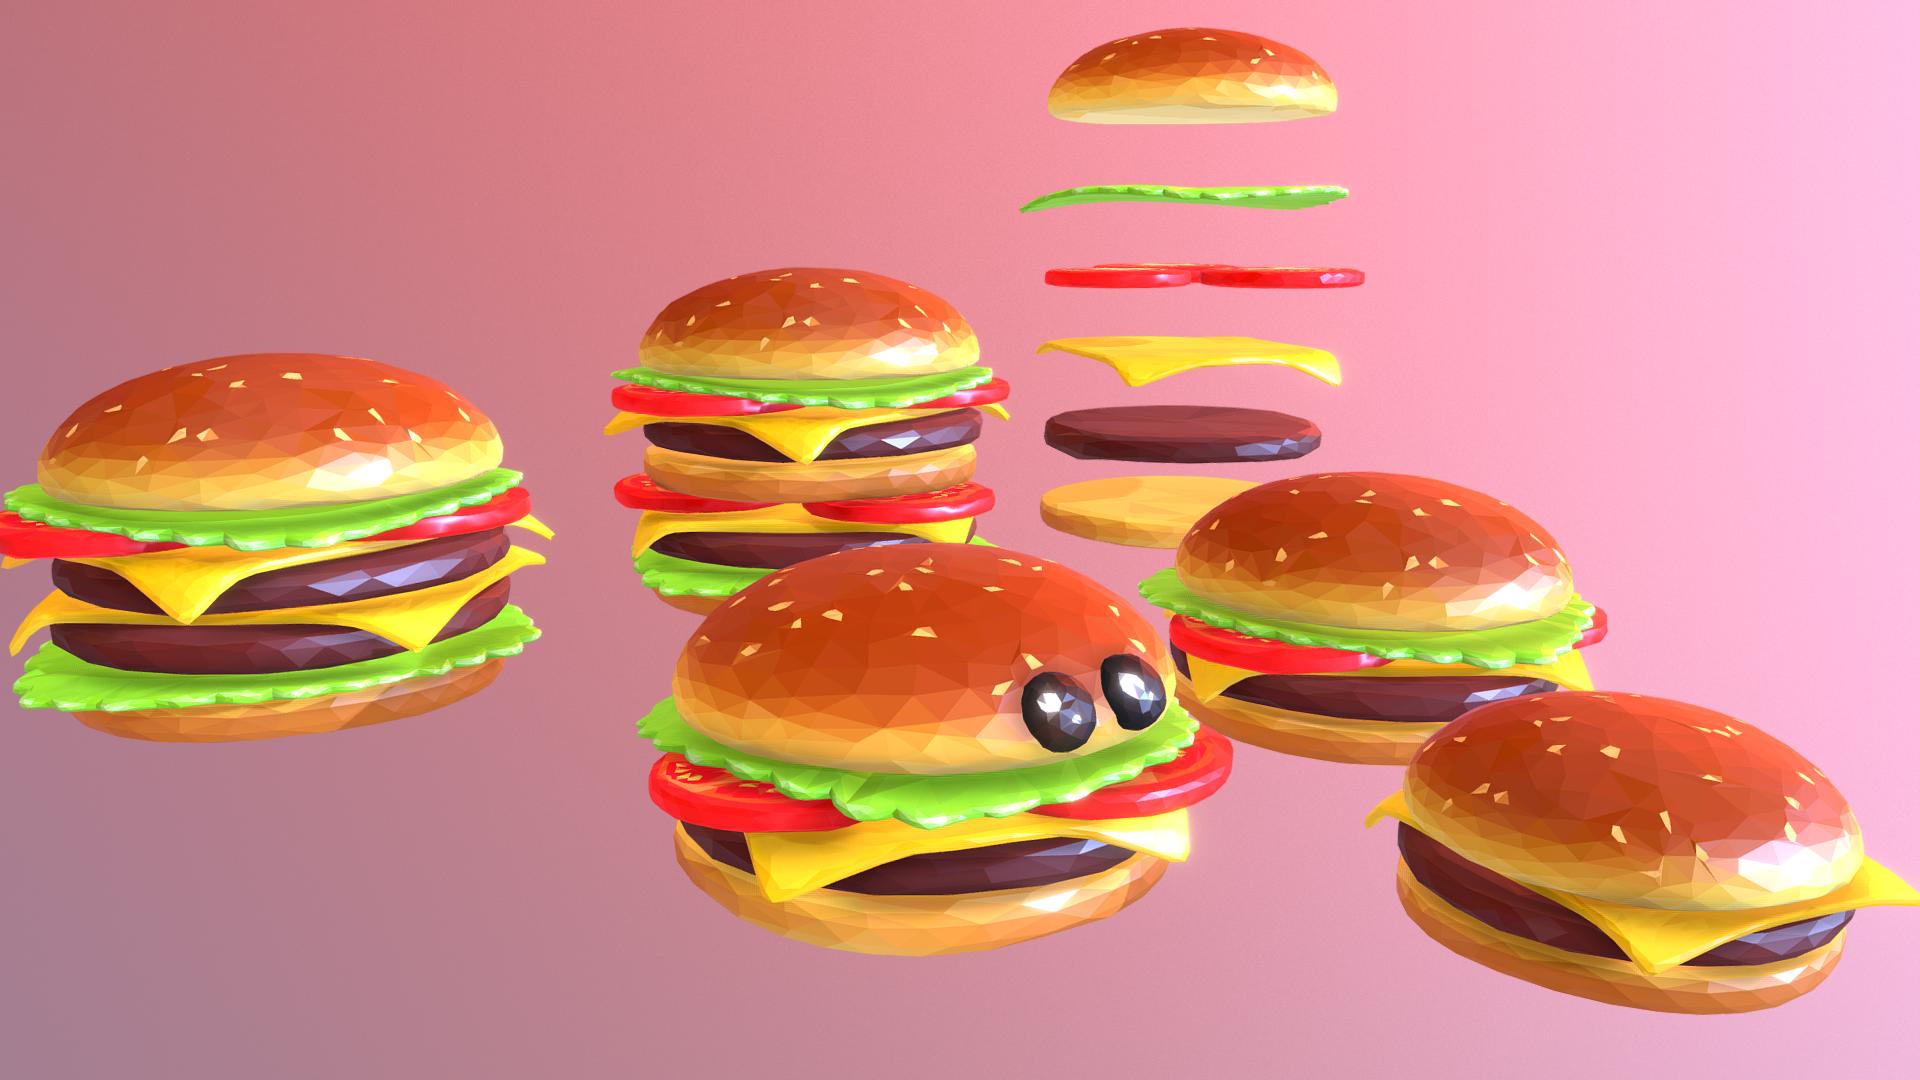 lowpolyart hamburger cheeseburger graditelj 3d model 3ds max fbx jpeg jpg ma mb tekstura obj 269551